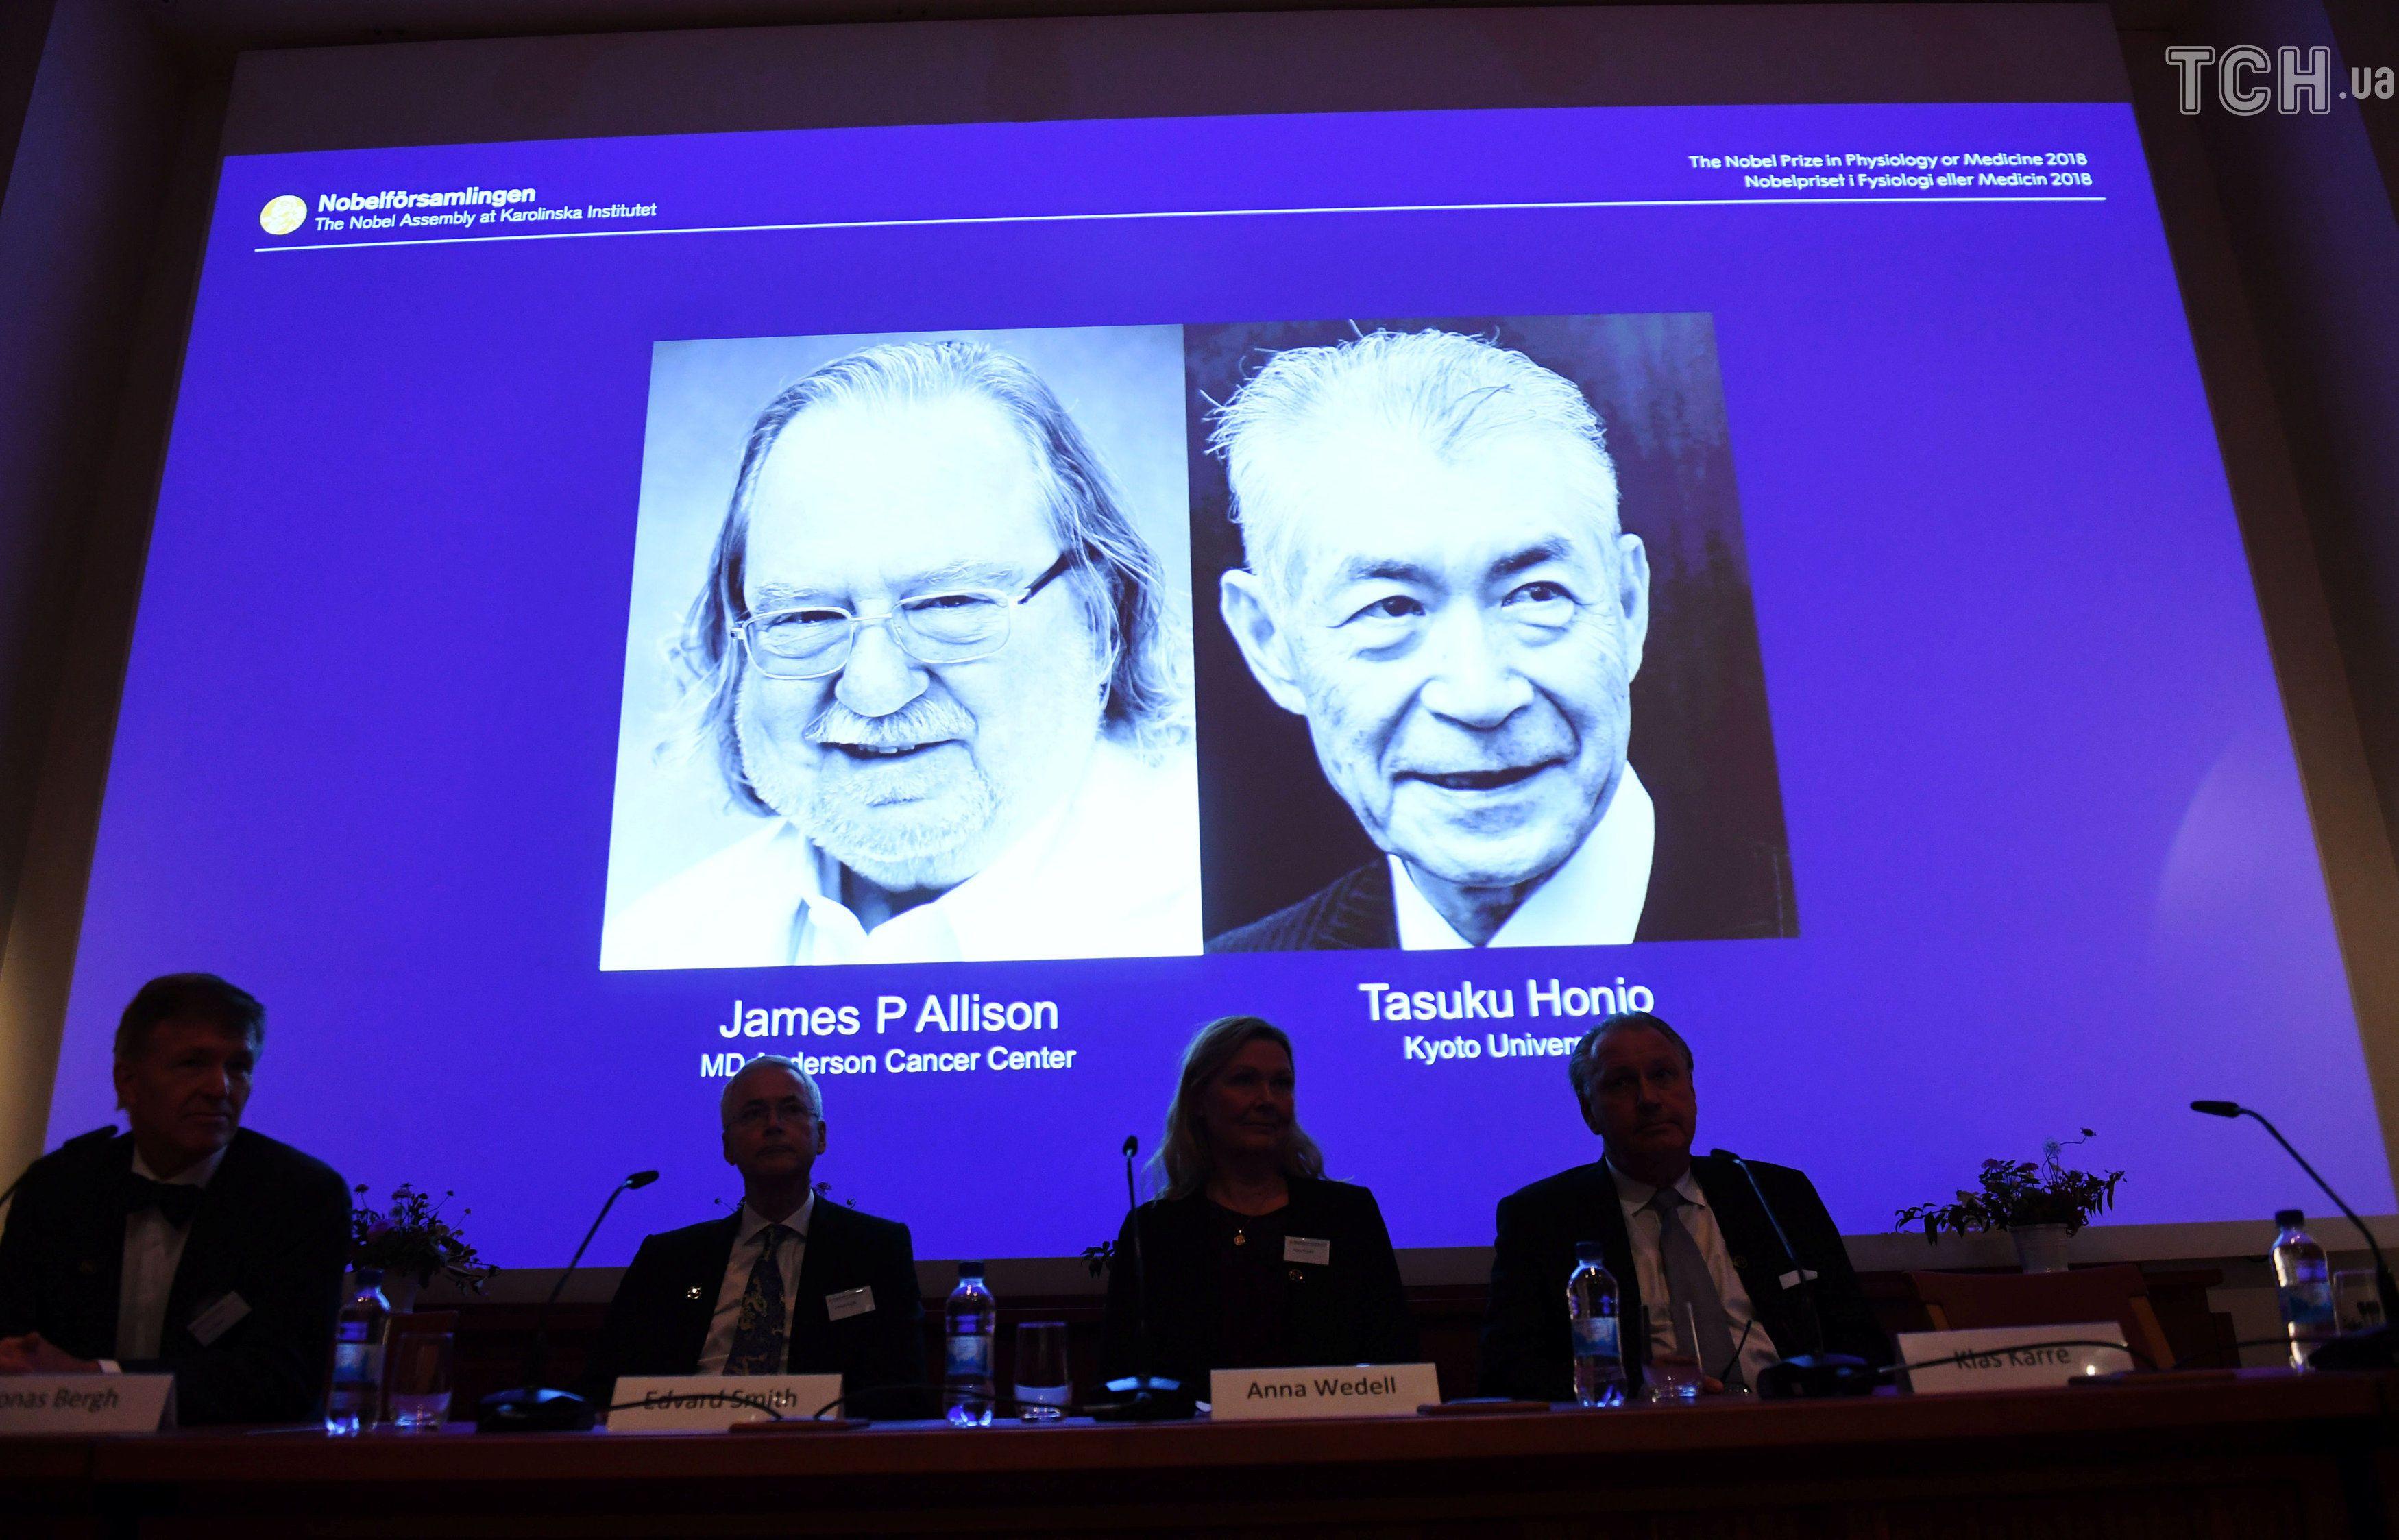 лауреати нобелівської премії з медицини